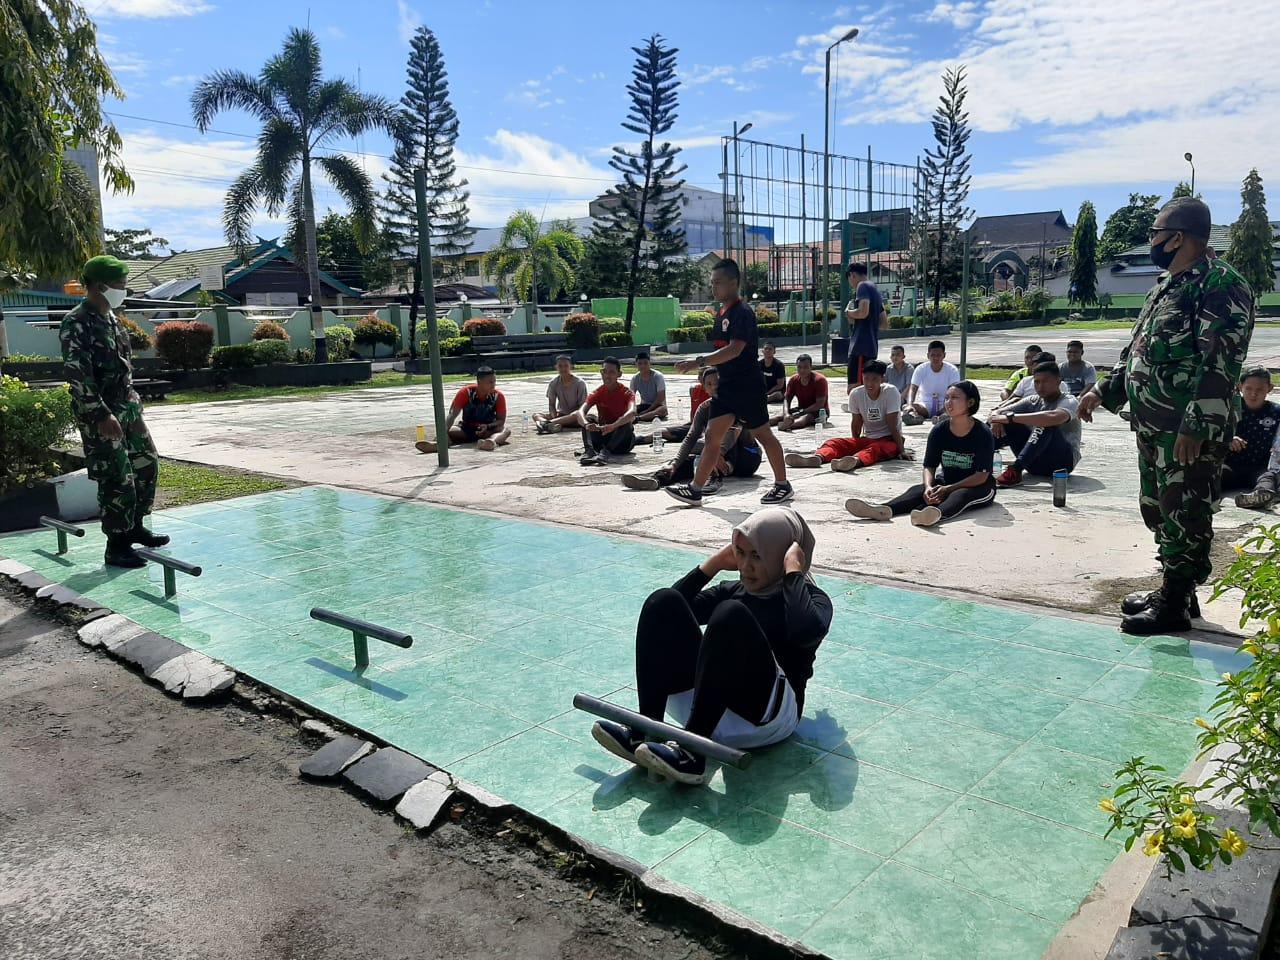 Dandim Sampit Dampingi Langsung Pembinaan Fisik Calon Prajurit